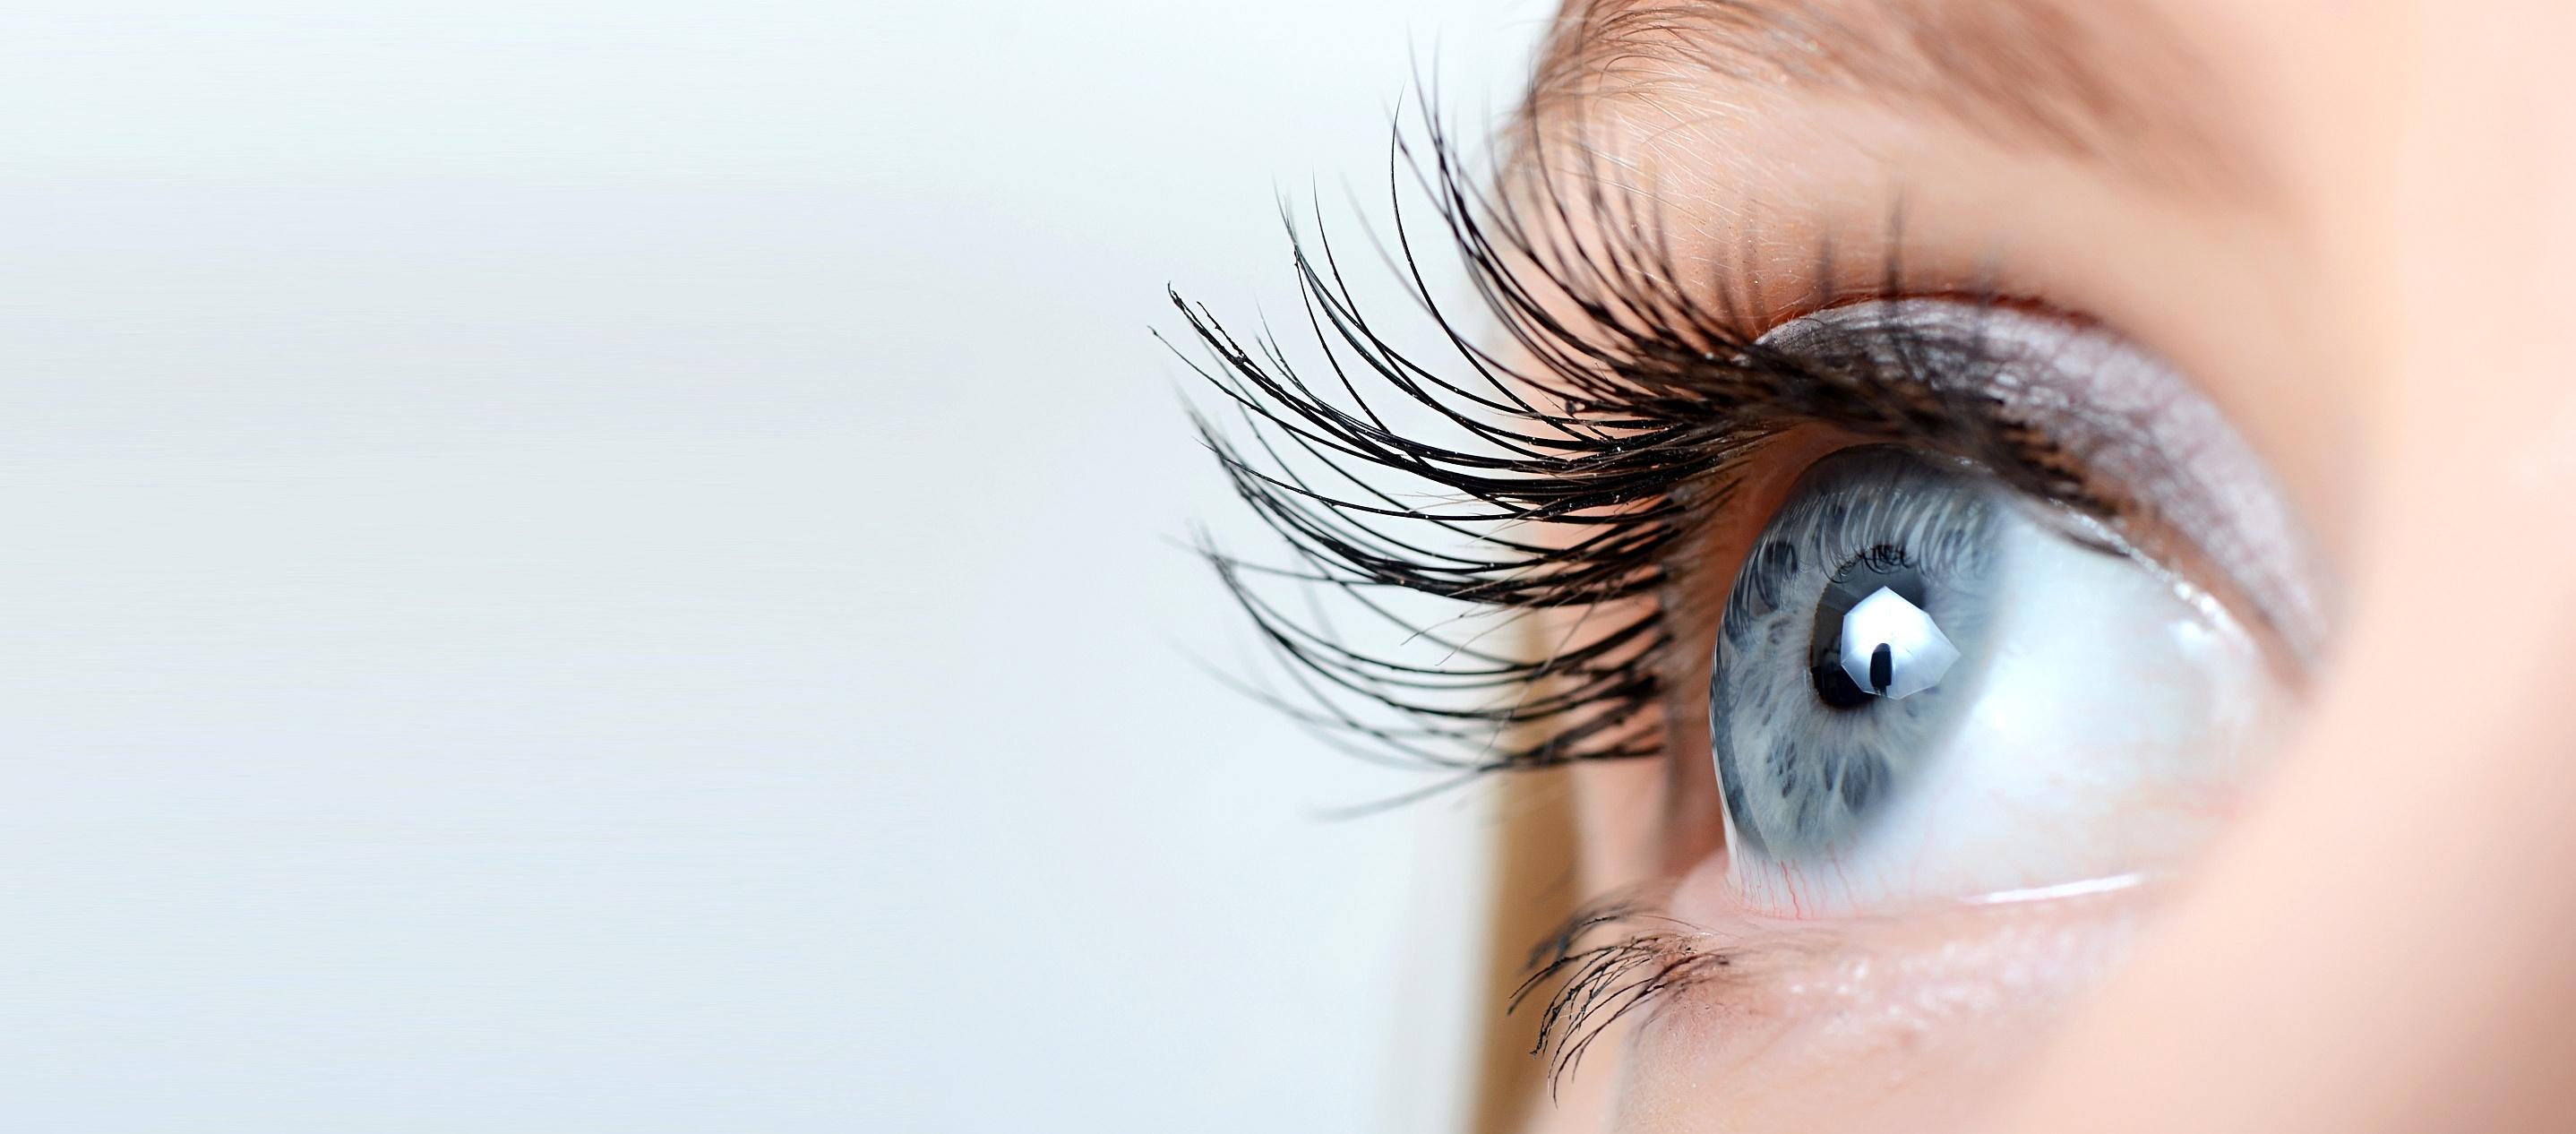 Augenarzt Kassel - Darstellung Auge